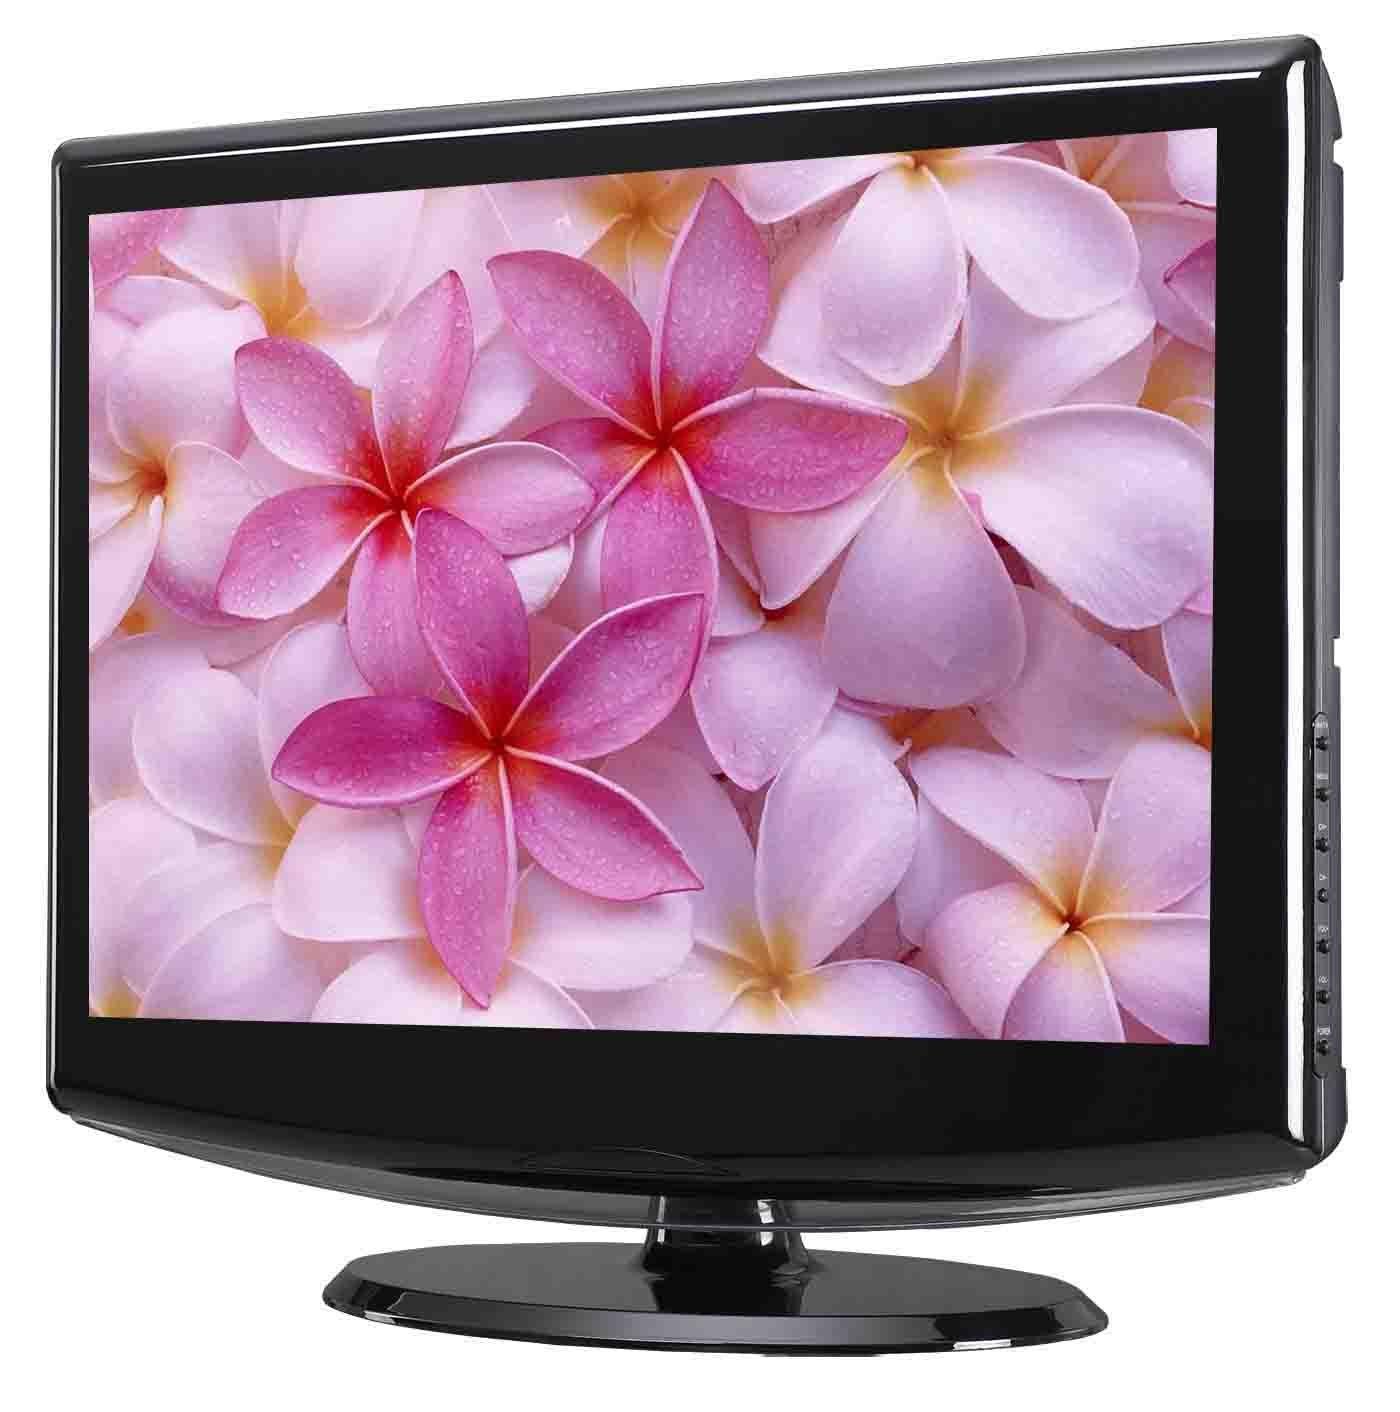 22 '' LCD TV; LED TV